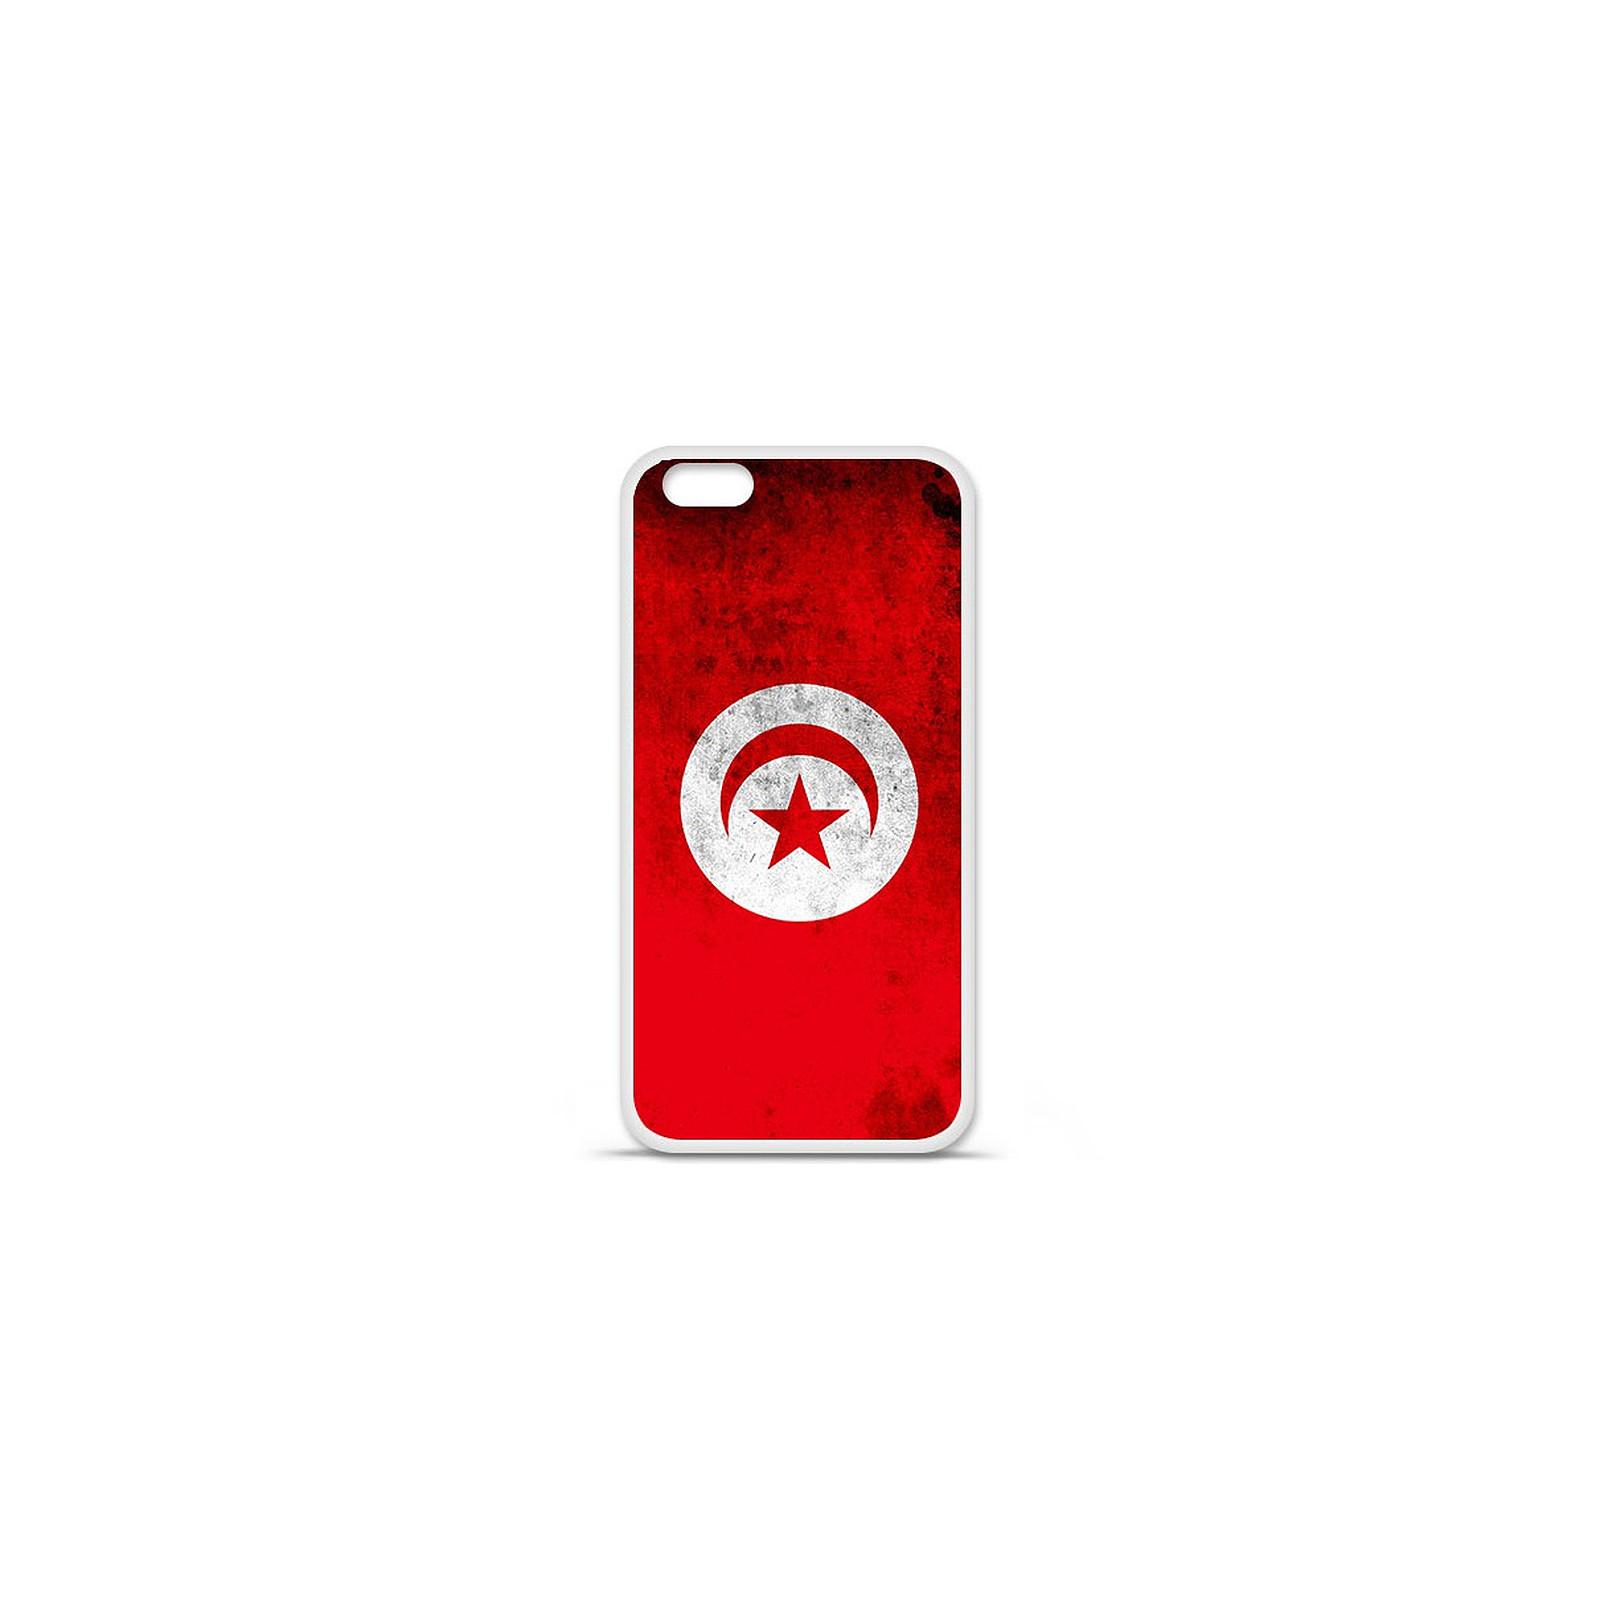 1001 Coques Coque silicone gel Apple IPhone 7 Plus motif Drapeau Tunisie